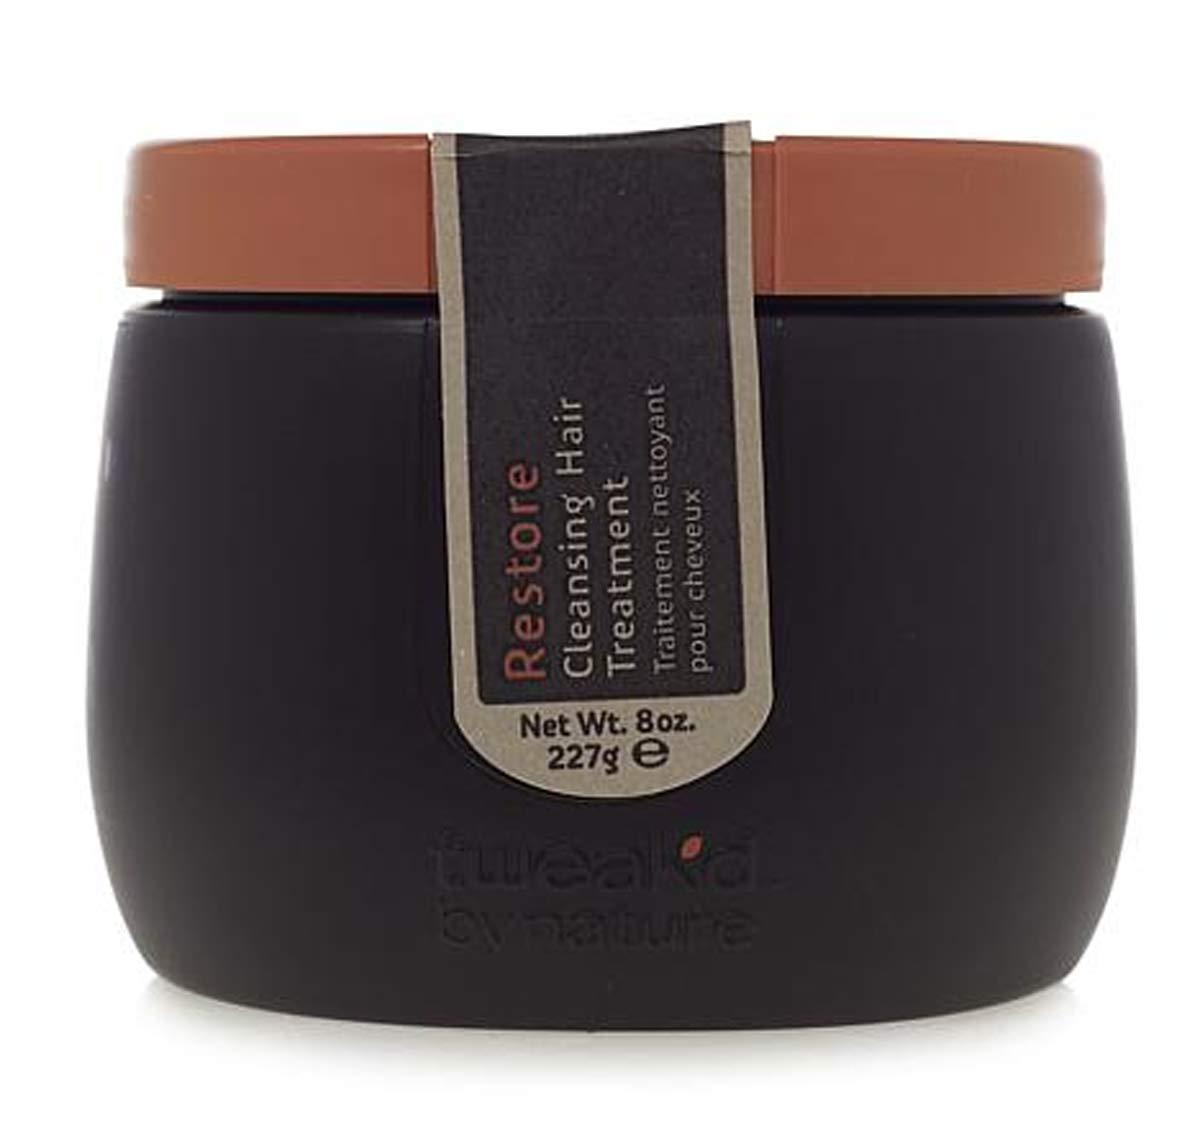 Tweak-d 5 in 1 formula Self-Cleansing Hair Treatment ~ Dhatelo Restore 8 fl. oz